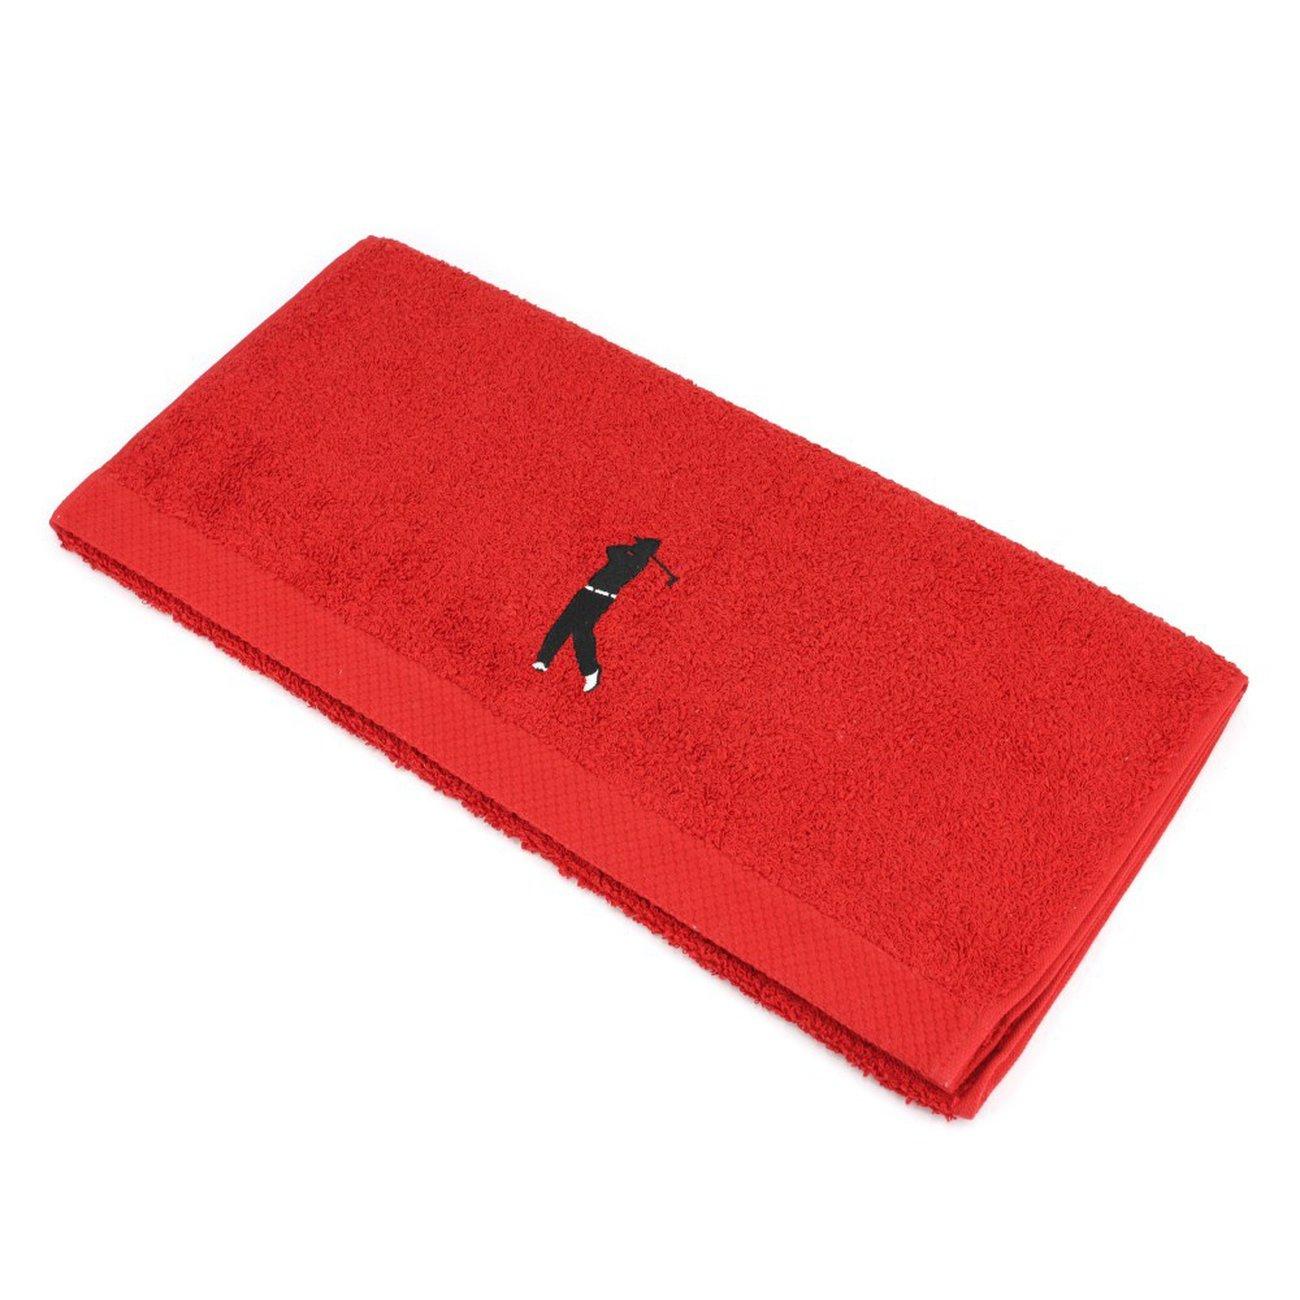 Serviette De Toilette 50X100 Cm 100% Coton 550 G/M2 Pure dedans Serviette De Toilette Pas Cher